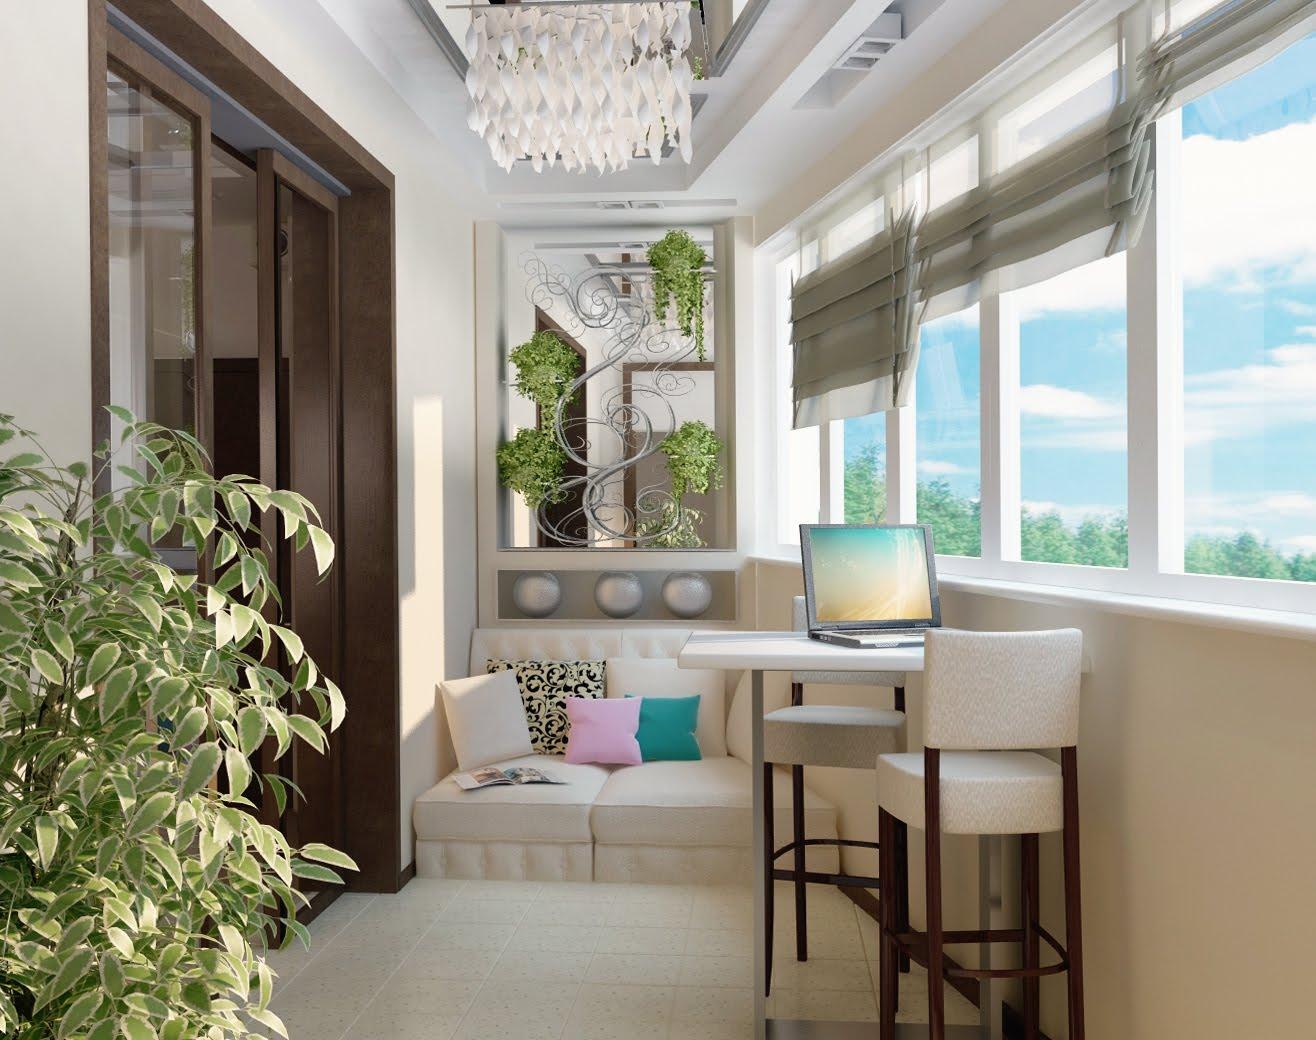 кожаные дизайн комнаты с выходом на лоджию фото явления могут быть